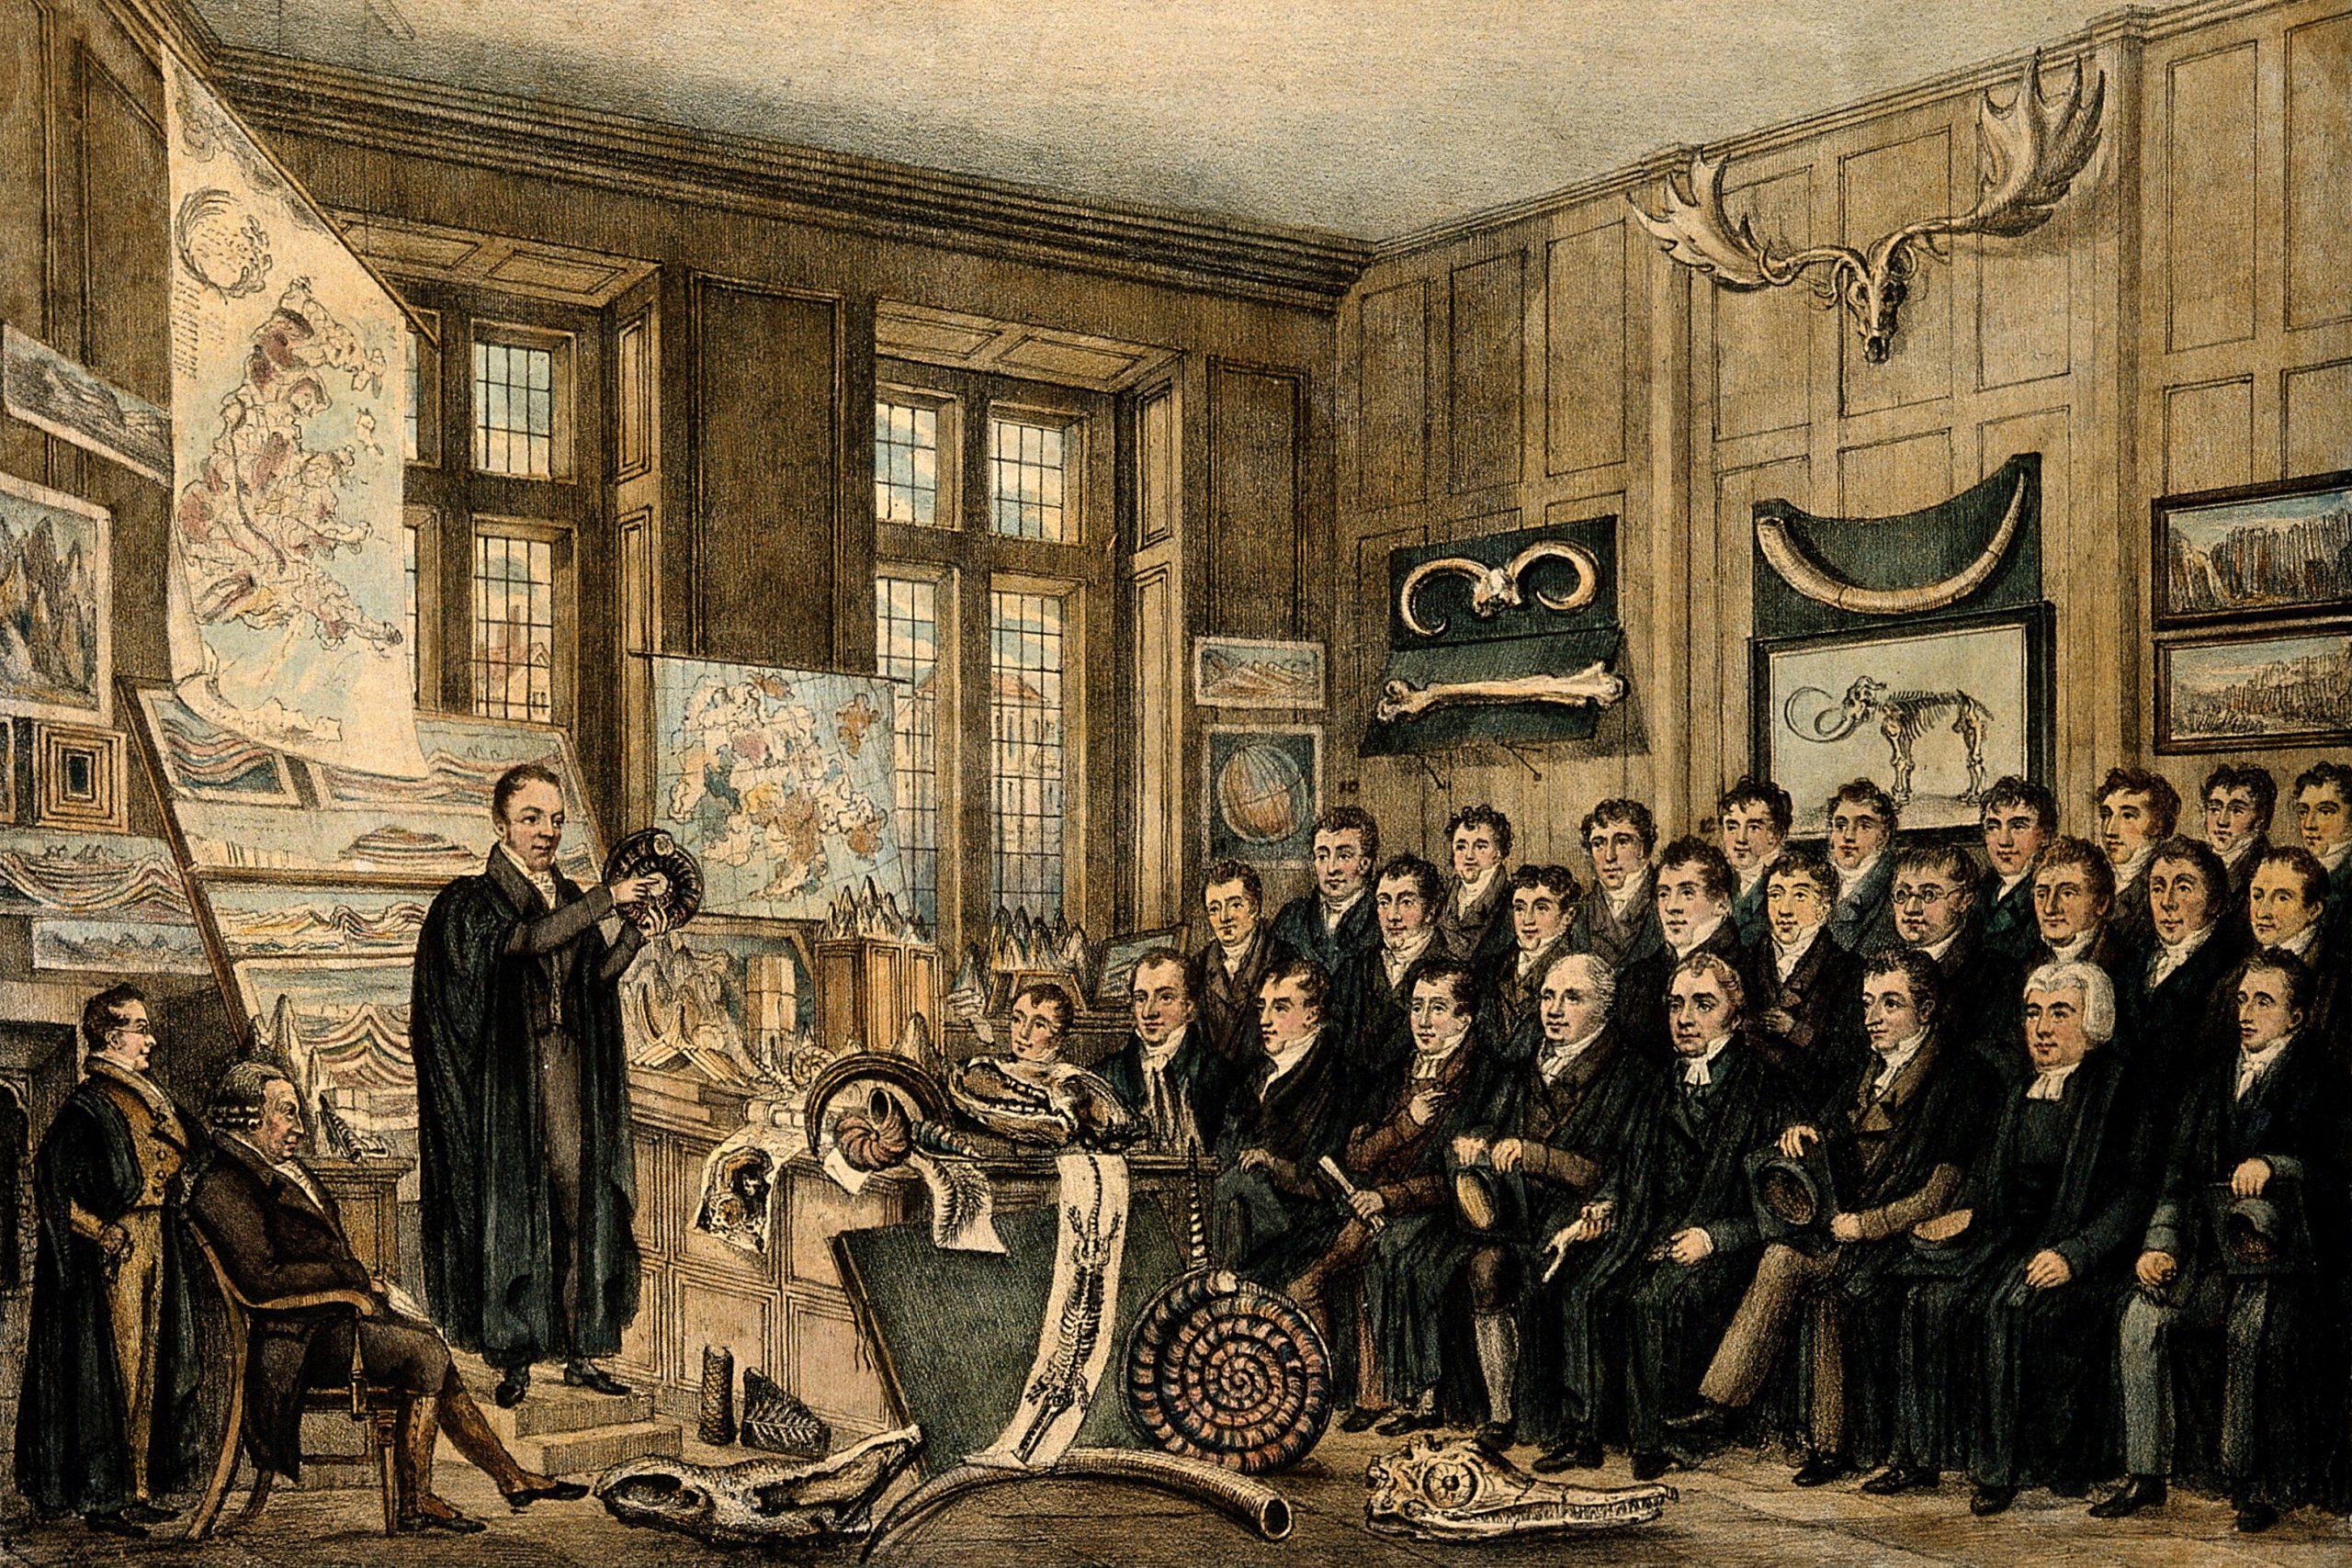 Một buổi giảng bài tại Bảo tàng Ashmolean. Ảnh: Wikimedia Commons